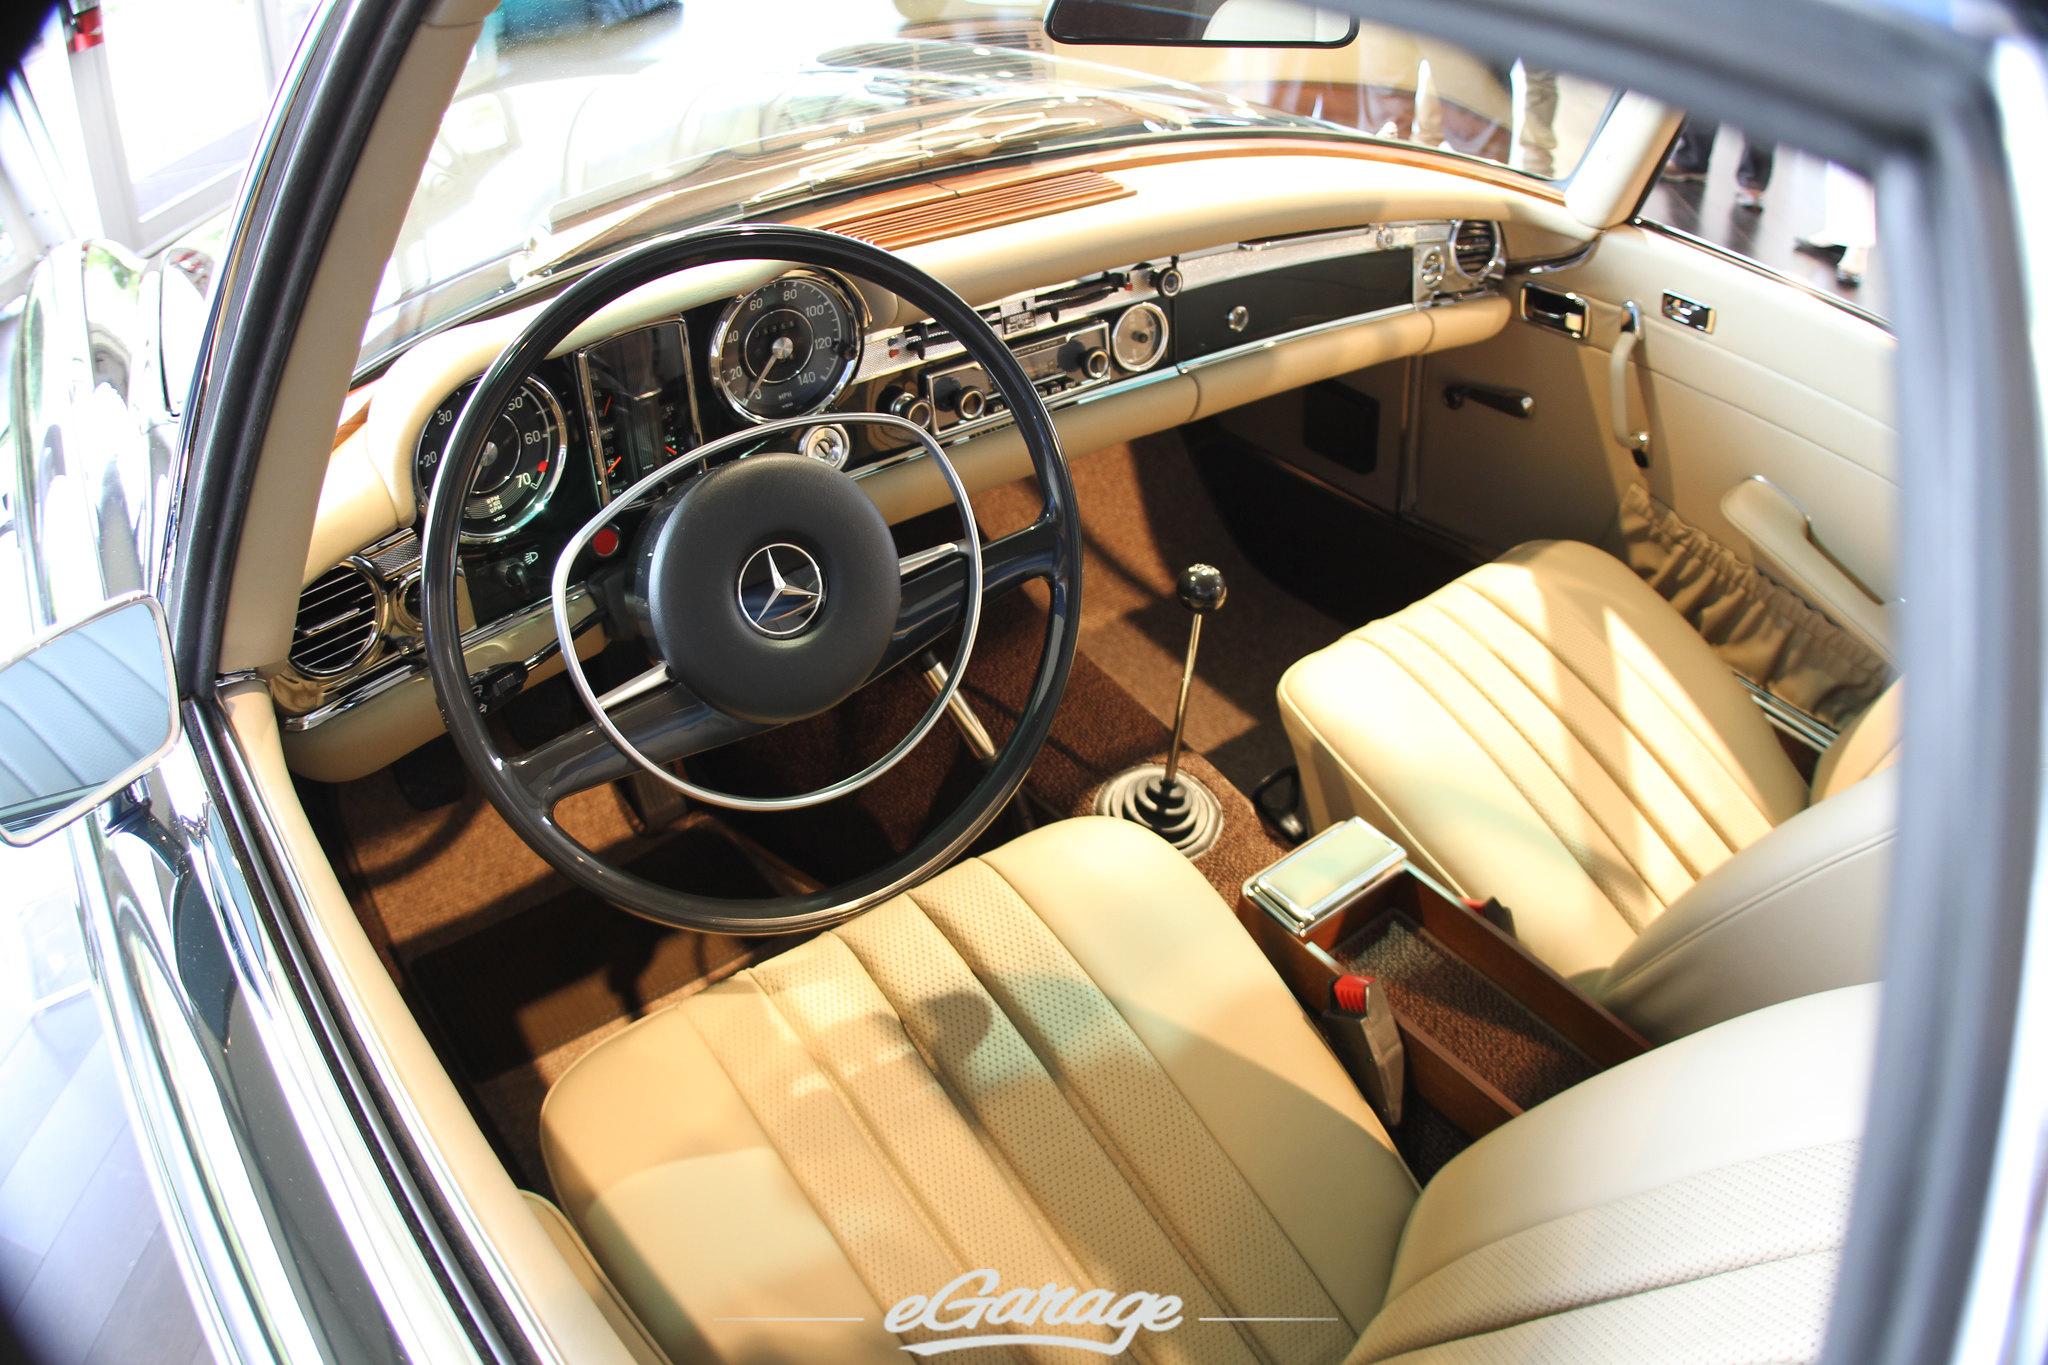 7828736370 7c52953f84 k Mercedes Benz Classic